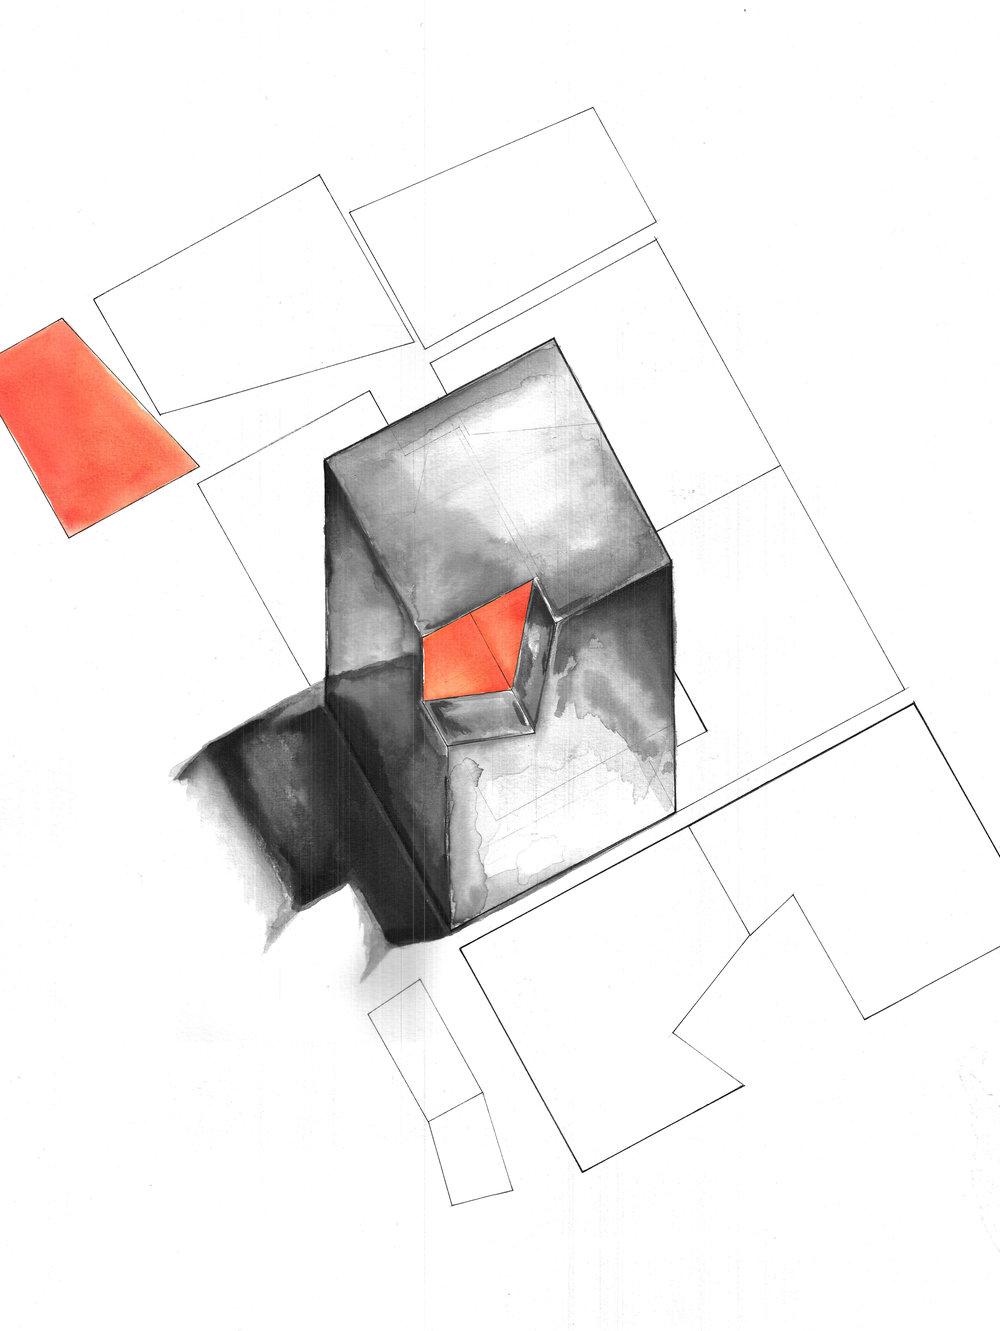 shhshshshshsh drawing b&w.jpg